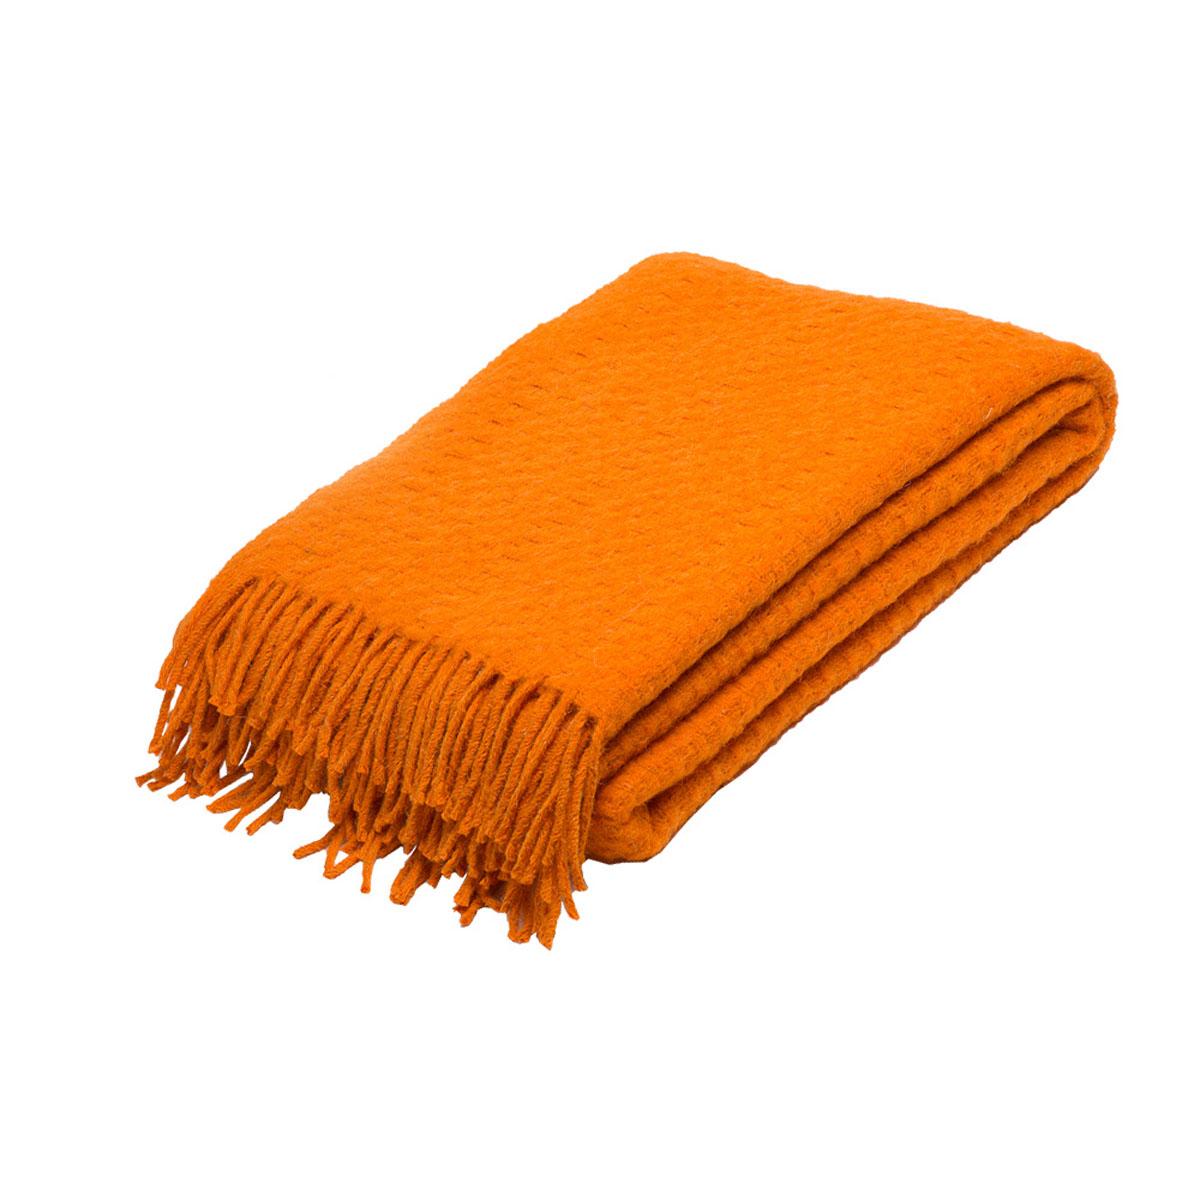 Плед Руно Estivo, цвет: оранжевый, 140 х 200 см. 1-511-140 (68)58393Плед Руно Estivo гармонично впишется в интерьер вашего дома и создаст атмосферу уюта и комфорта. Чрезвычайно мягкий и теплый плед с кистями изготовлен из натуральной овечьей шерсти. Высочайшее качество материала гарантирует безопасность не только взрослых, но и самых маленьких членов семьи.Плед - это такой подарок, который будет всегда актуален, особенно для ваших родных и близких, ведь вы дарите им частичку своего тепла!